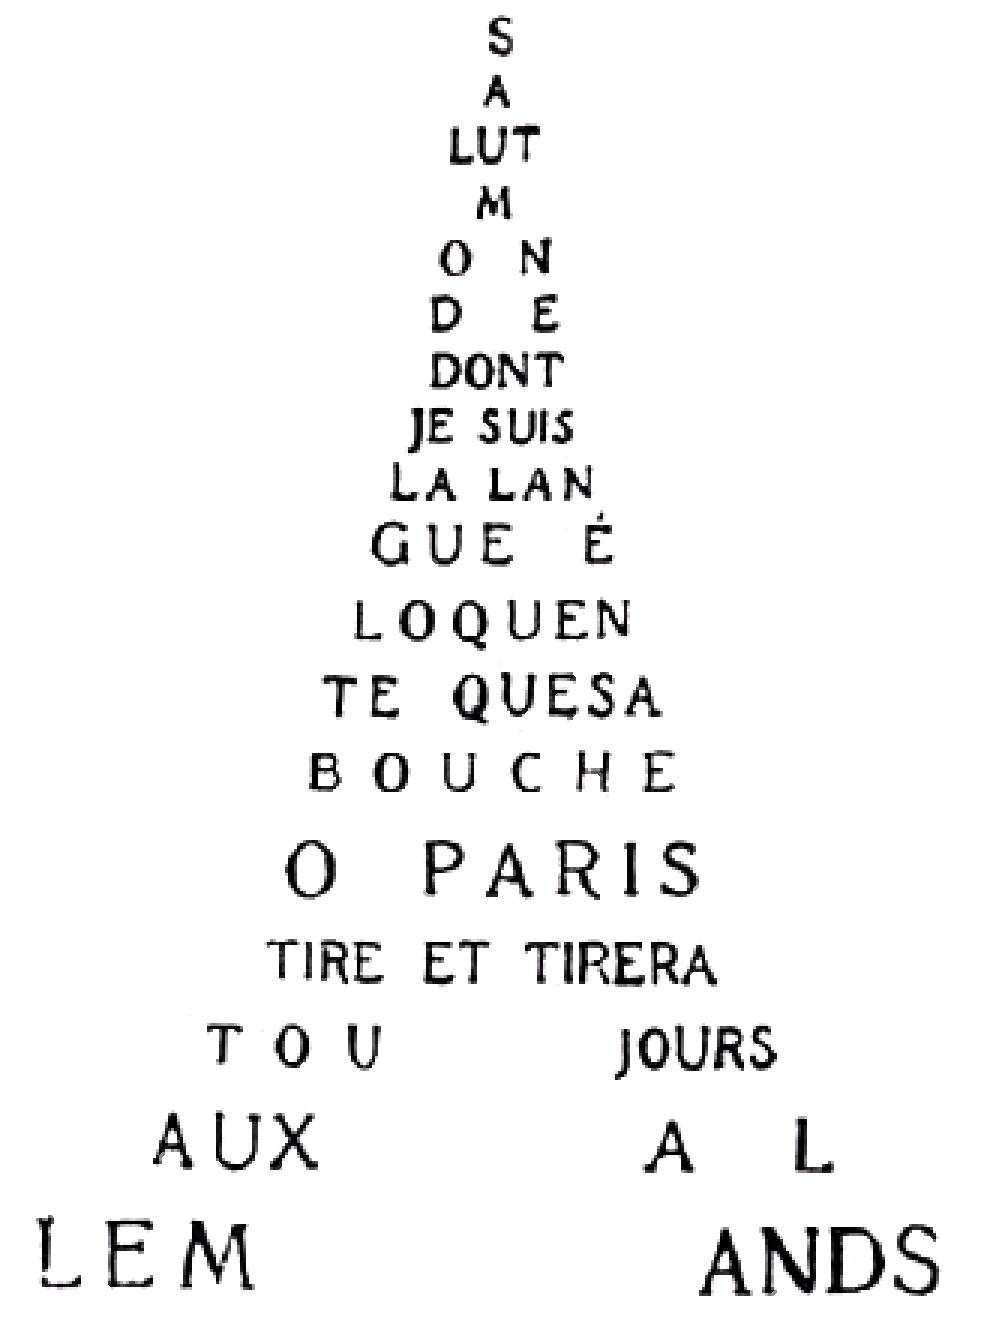 « Calligramme de la tour Eiffel », Calligrammes, poèmes de la paix et de la guerre 1913-1916, Guillaume Apollinaire, 1918.